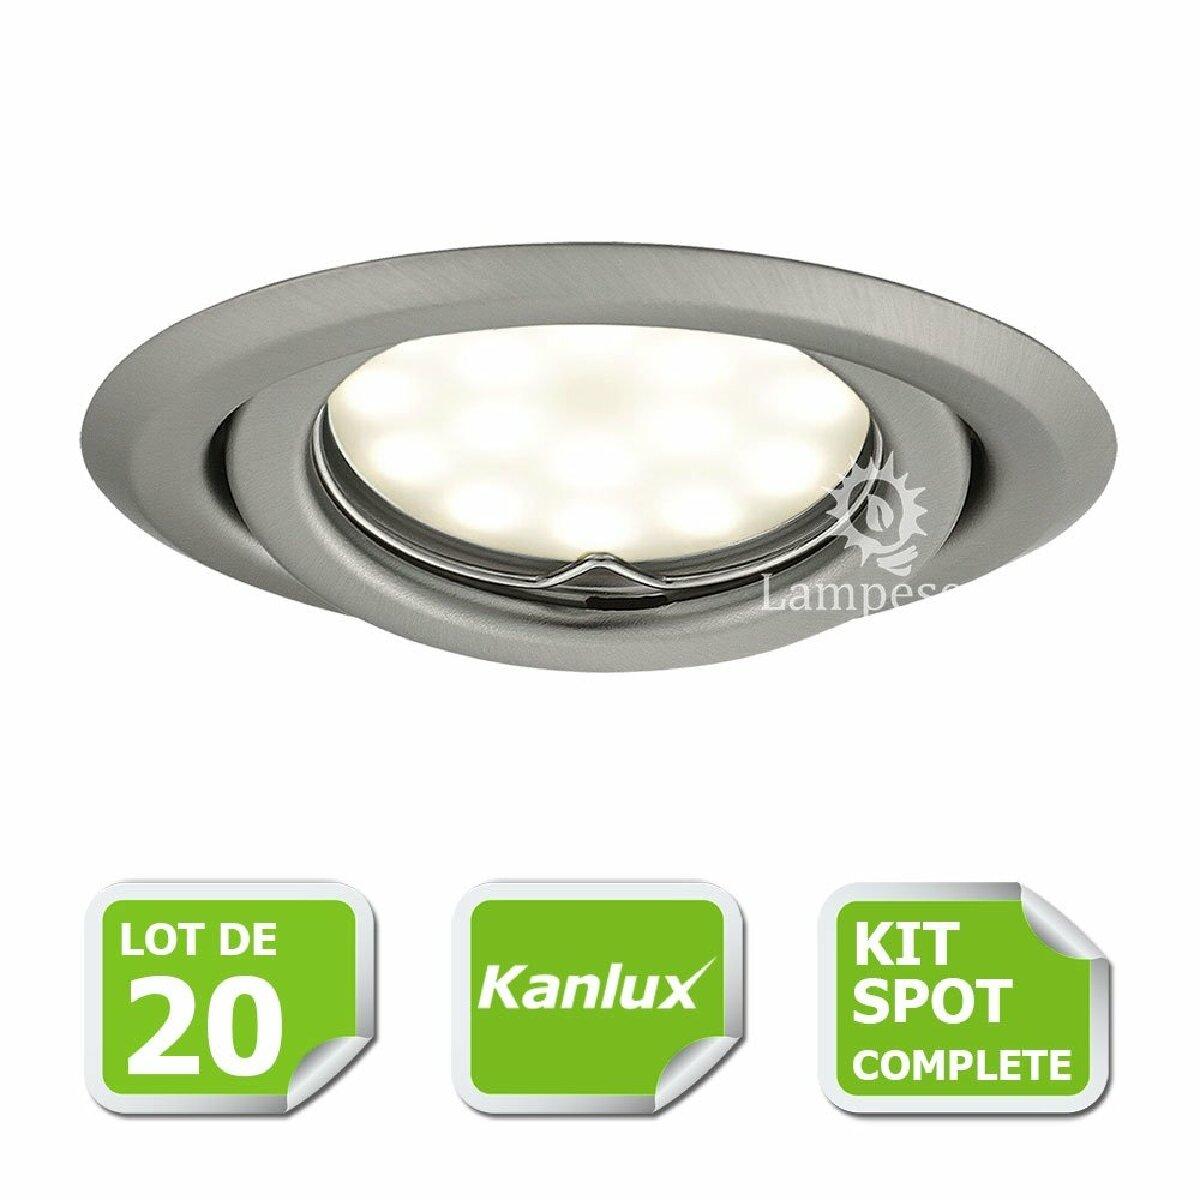 Kanlux Kit complete de 20 Spots encastrable chrome mat orientable marque Kanlux avec GU10 LED 5W 3000K blanc chaud